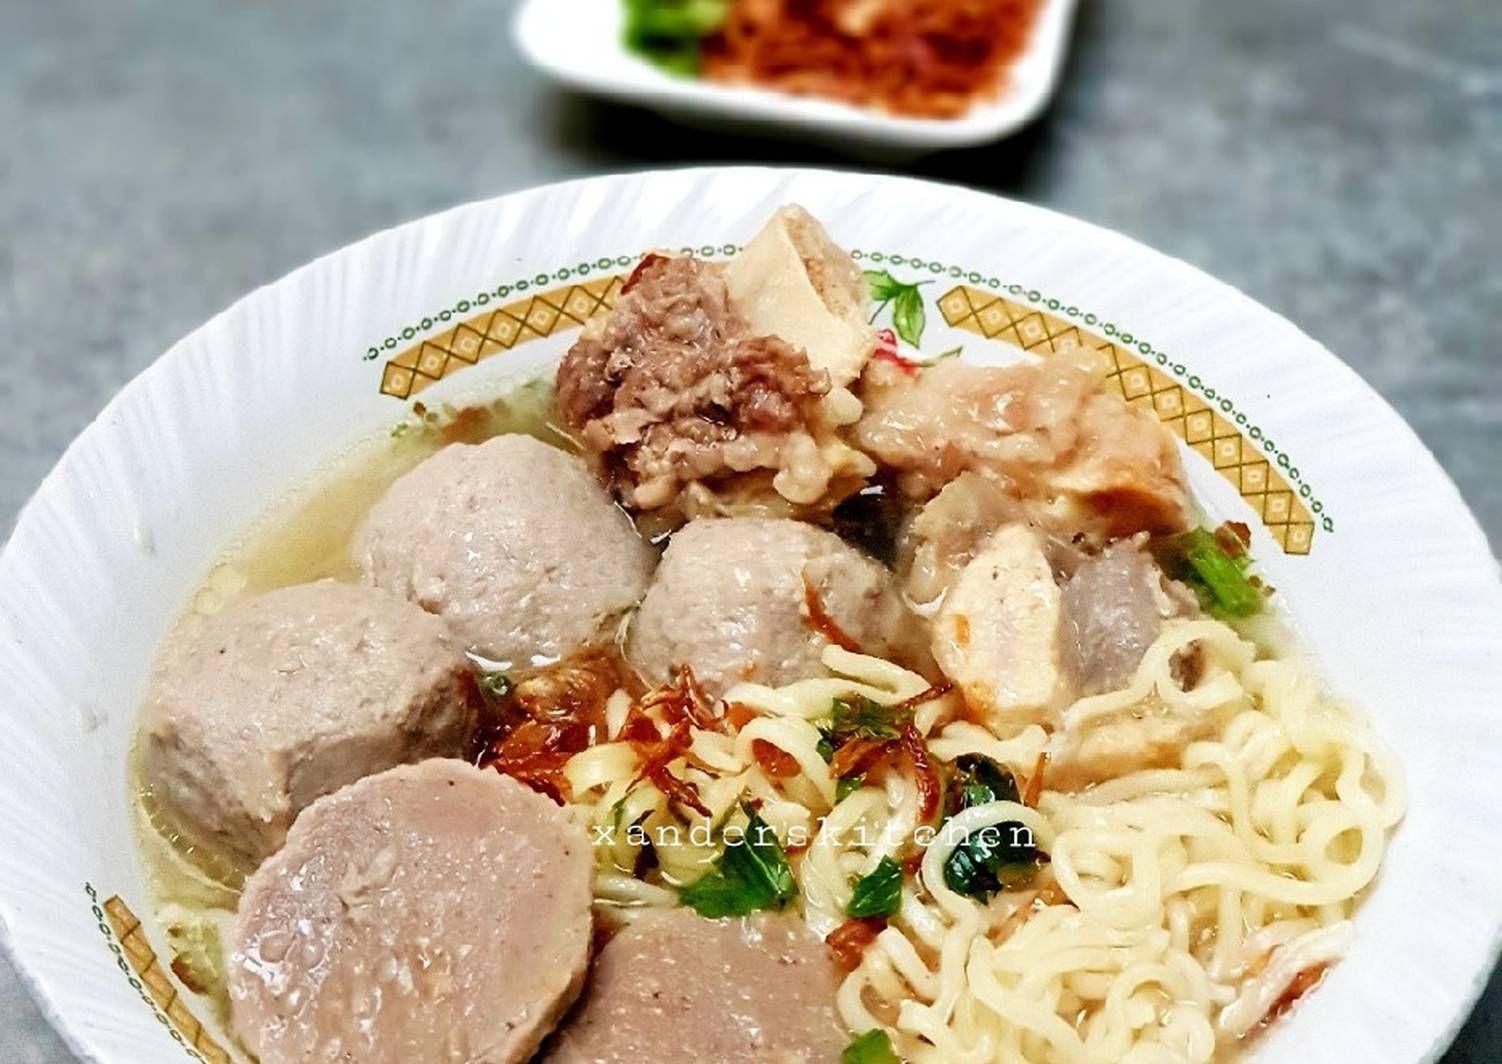 Resep Bakso Sapi Gariing Enakkk Oleh Xander S Kitchen Resep Resep Daging Sapi Resep Makanan Resep Bakso